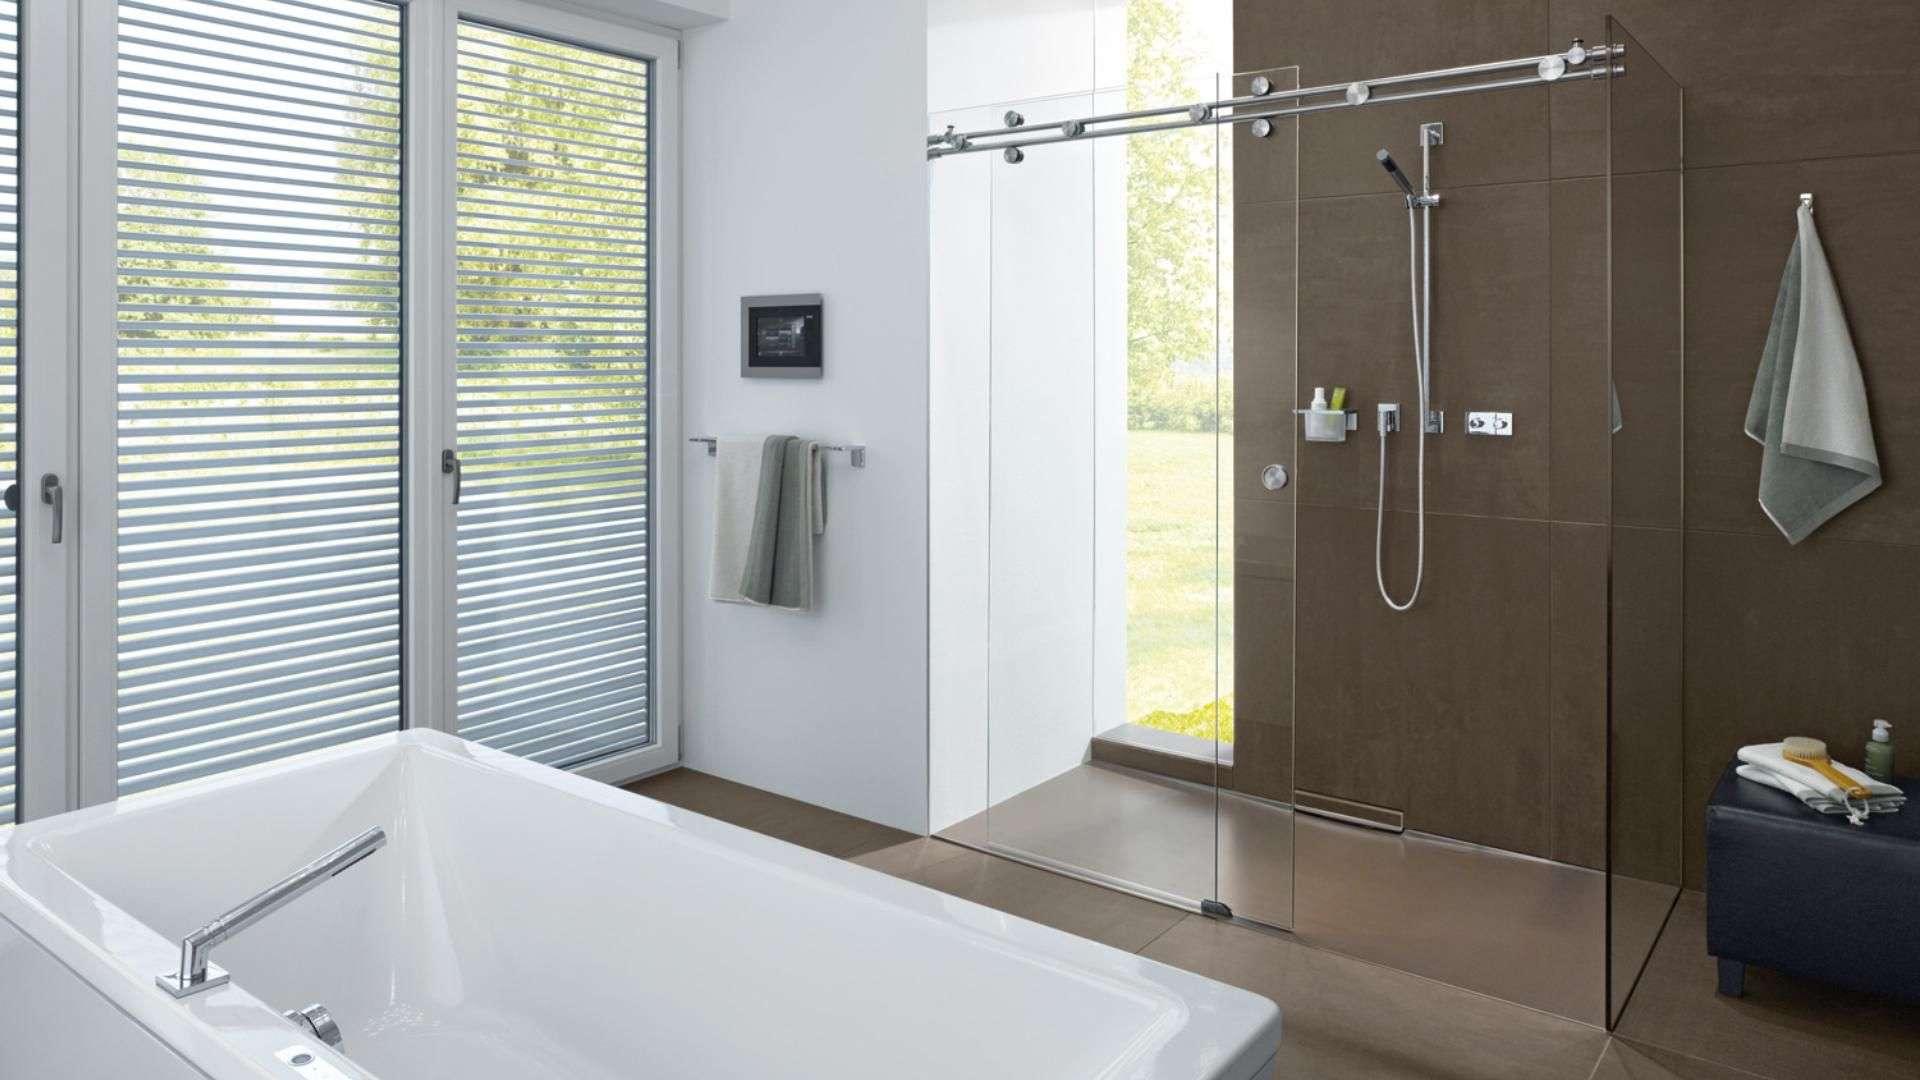 modernes Badezimmer mit Badewanne und großer Dusche mit Duschtrennwand